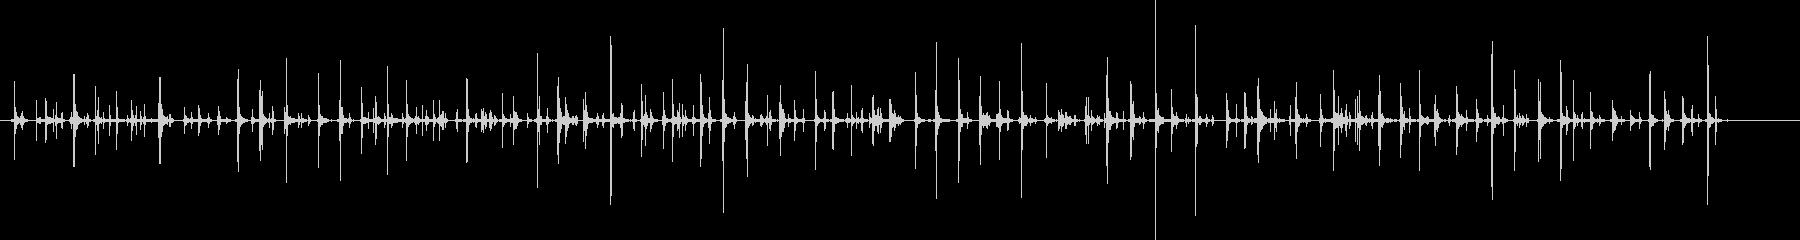 チャチャ..。PCタイピング音(低・長)の未再生の波形